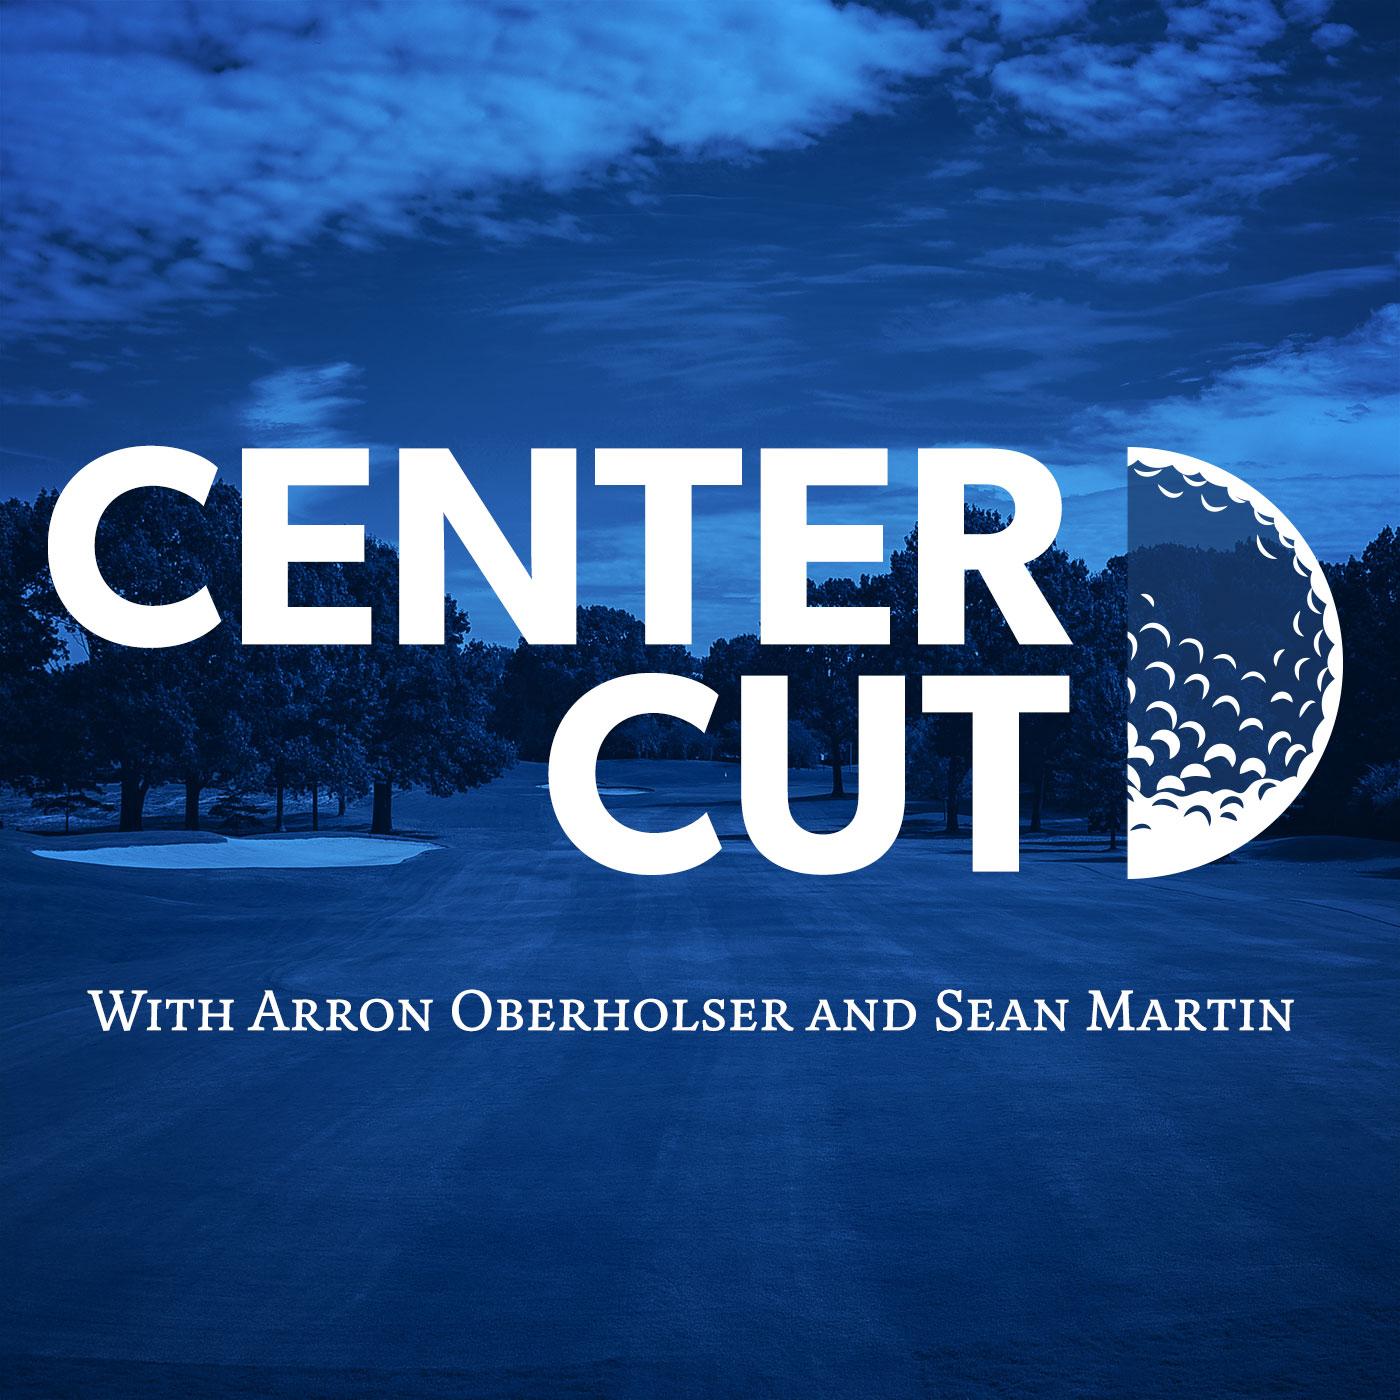 The Center Cut Golf Podcast show art